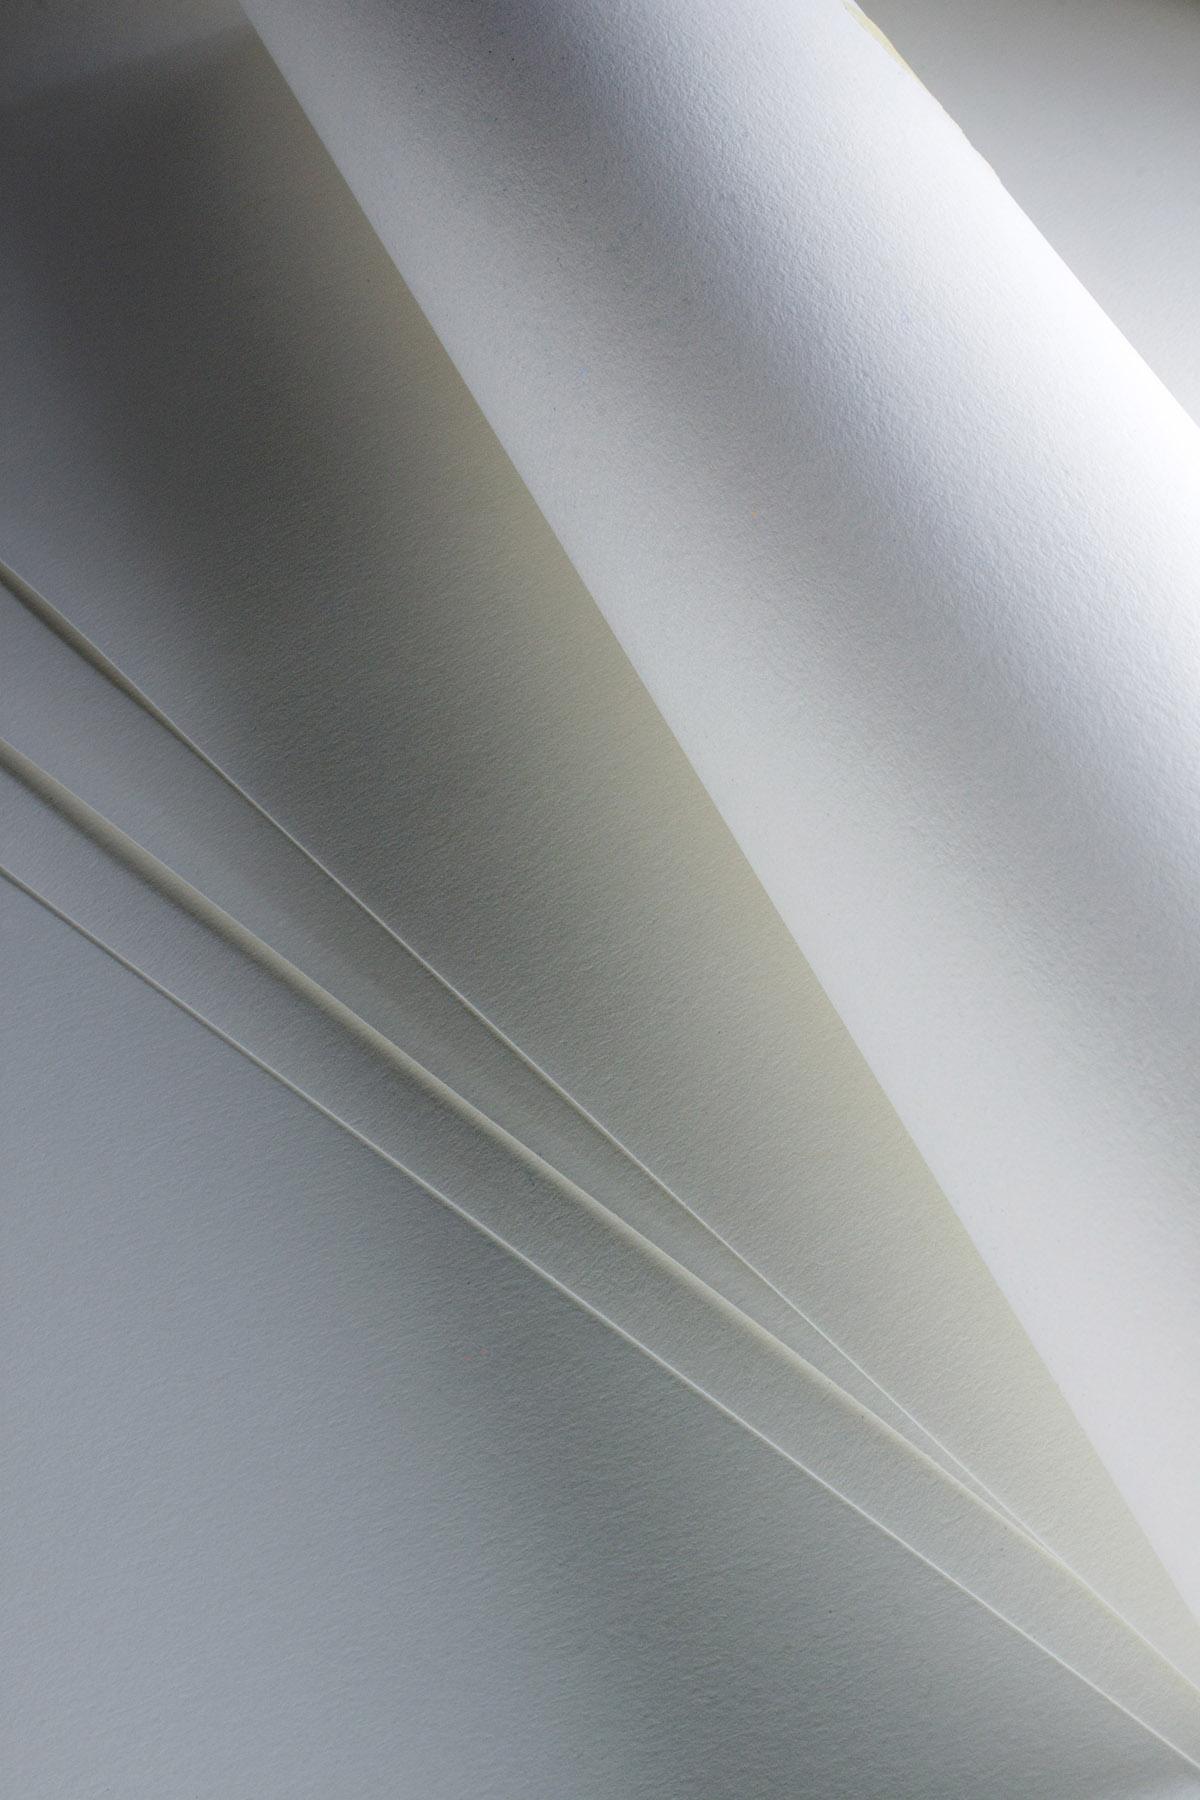 Бумага для рисования, зарисовок Fabriano Accademia 200г/м.кв 150x1000см мелкозернистая в рулоне